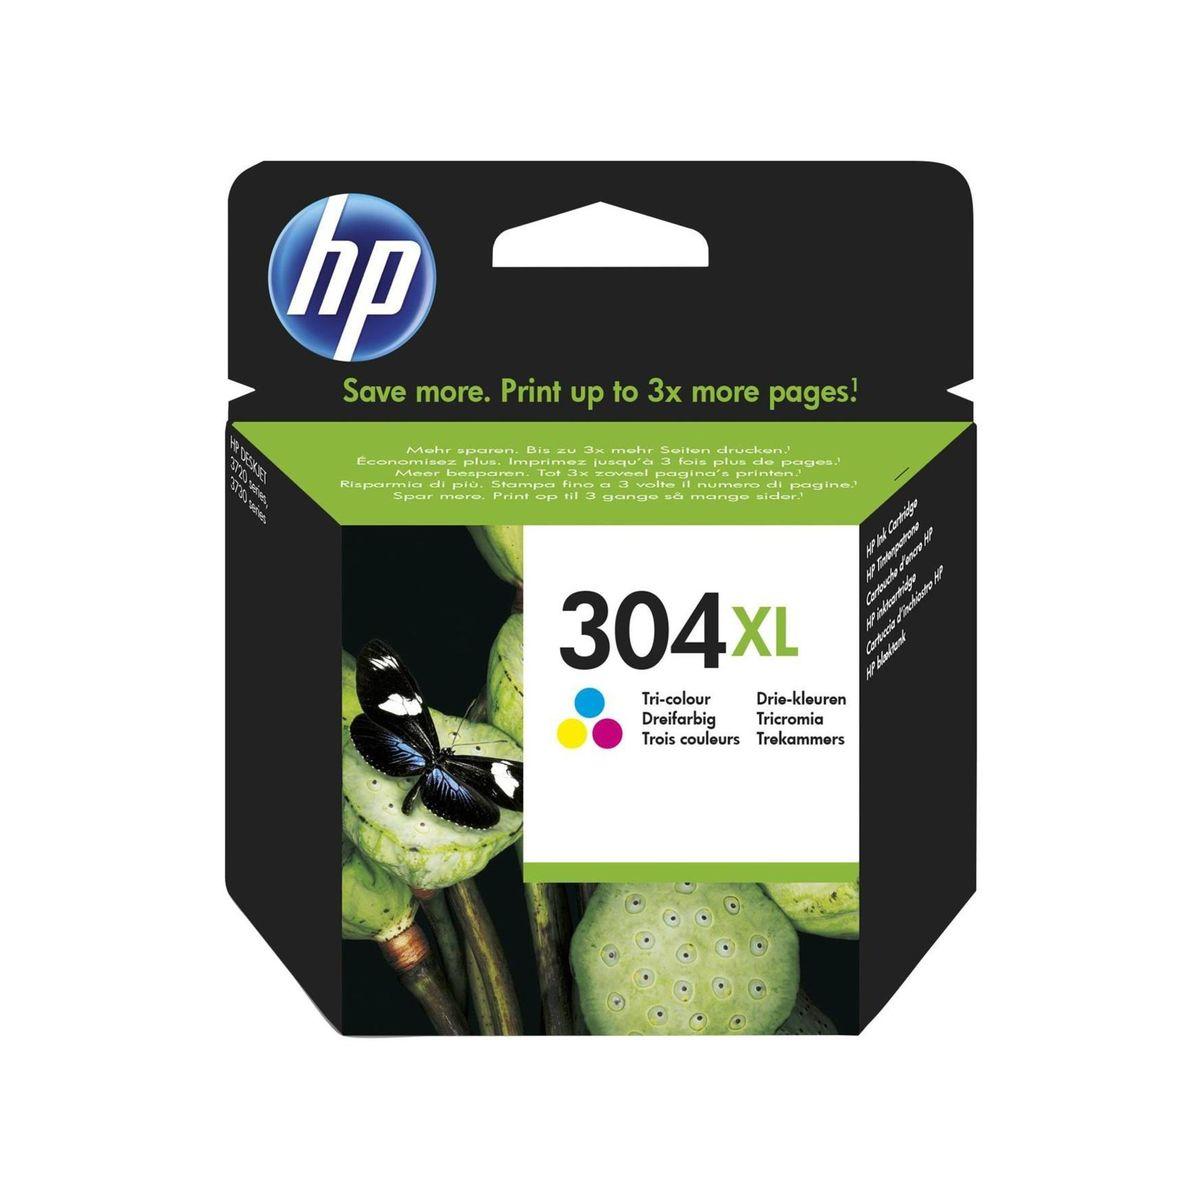 HP - Inktcartridge 304XL - Drie-kleuren C/M/Y